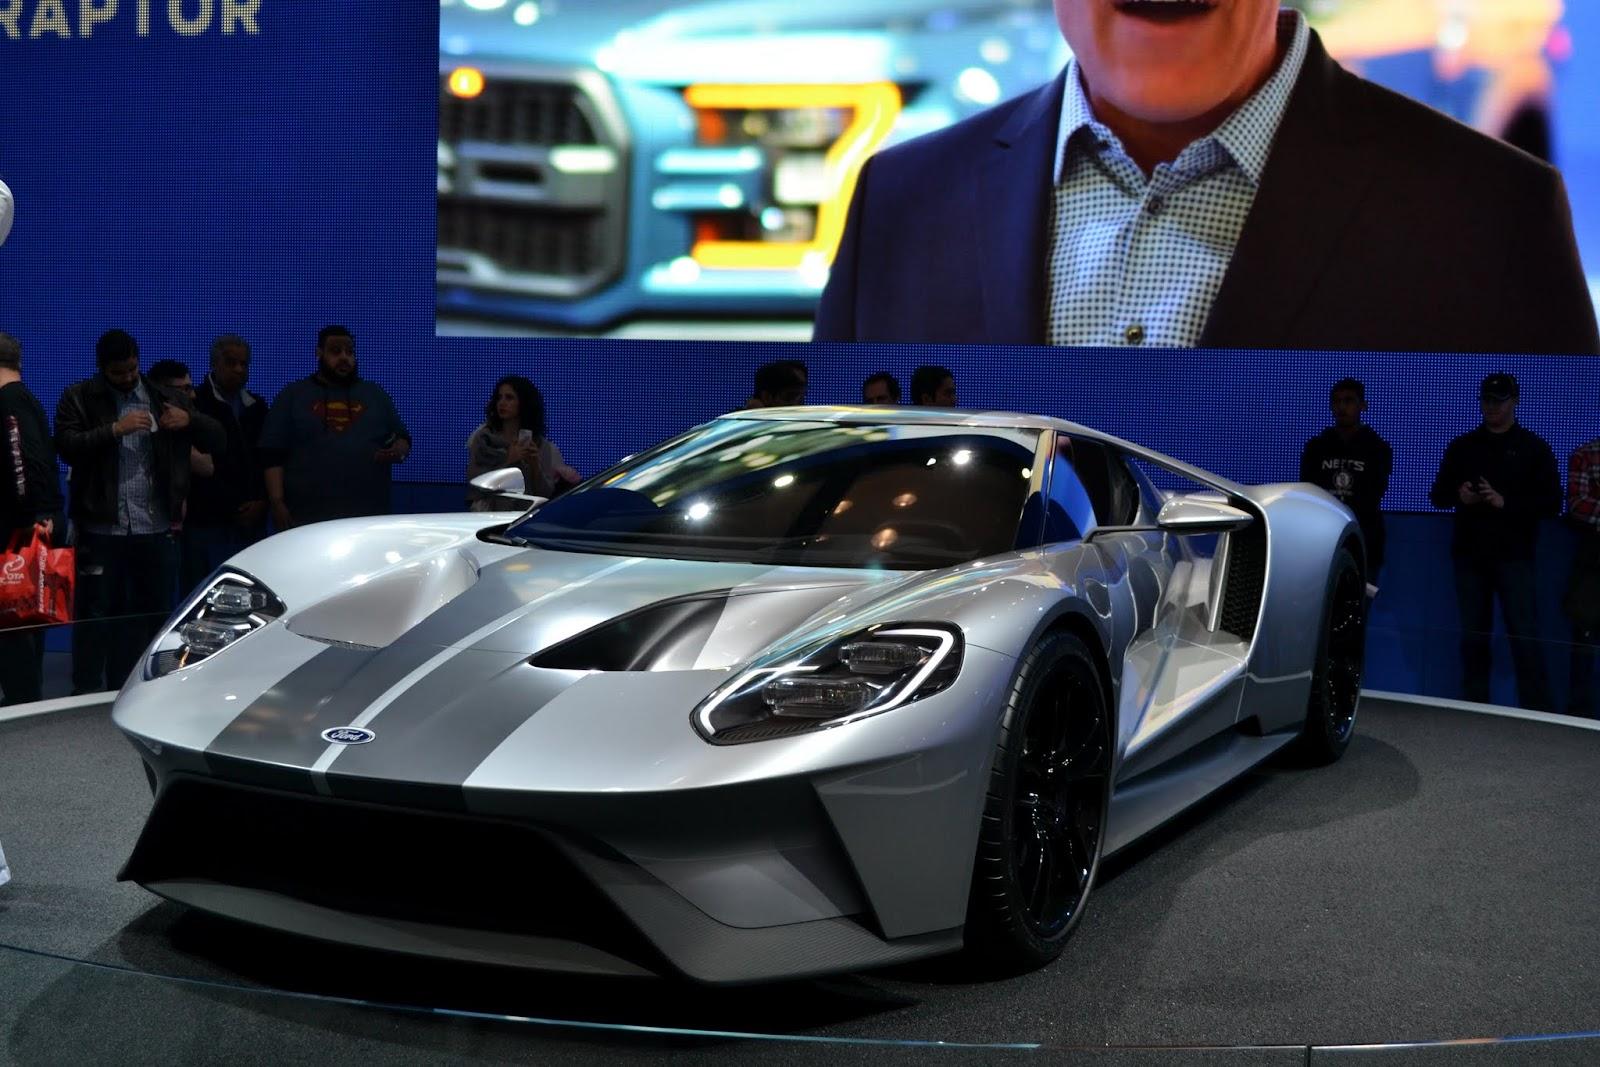 Ford GT. Ежегодное автошоу в Нью-Йорке - 2015 (New York International Auto Show - 2015)